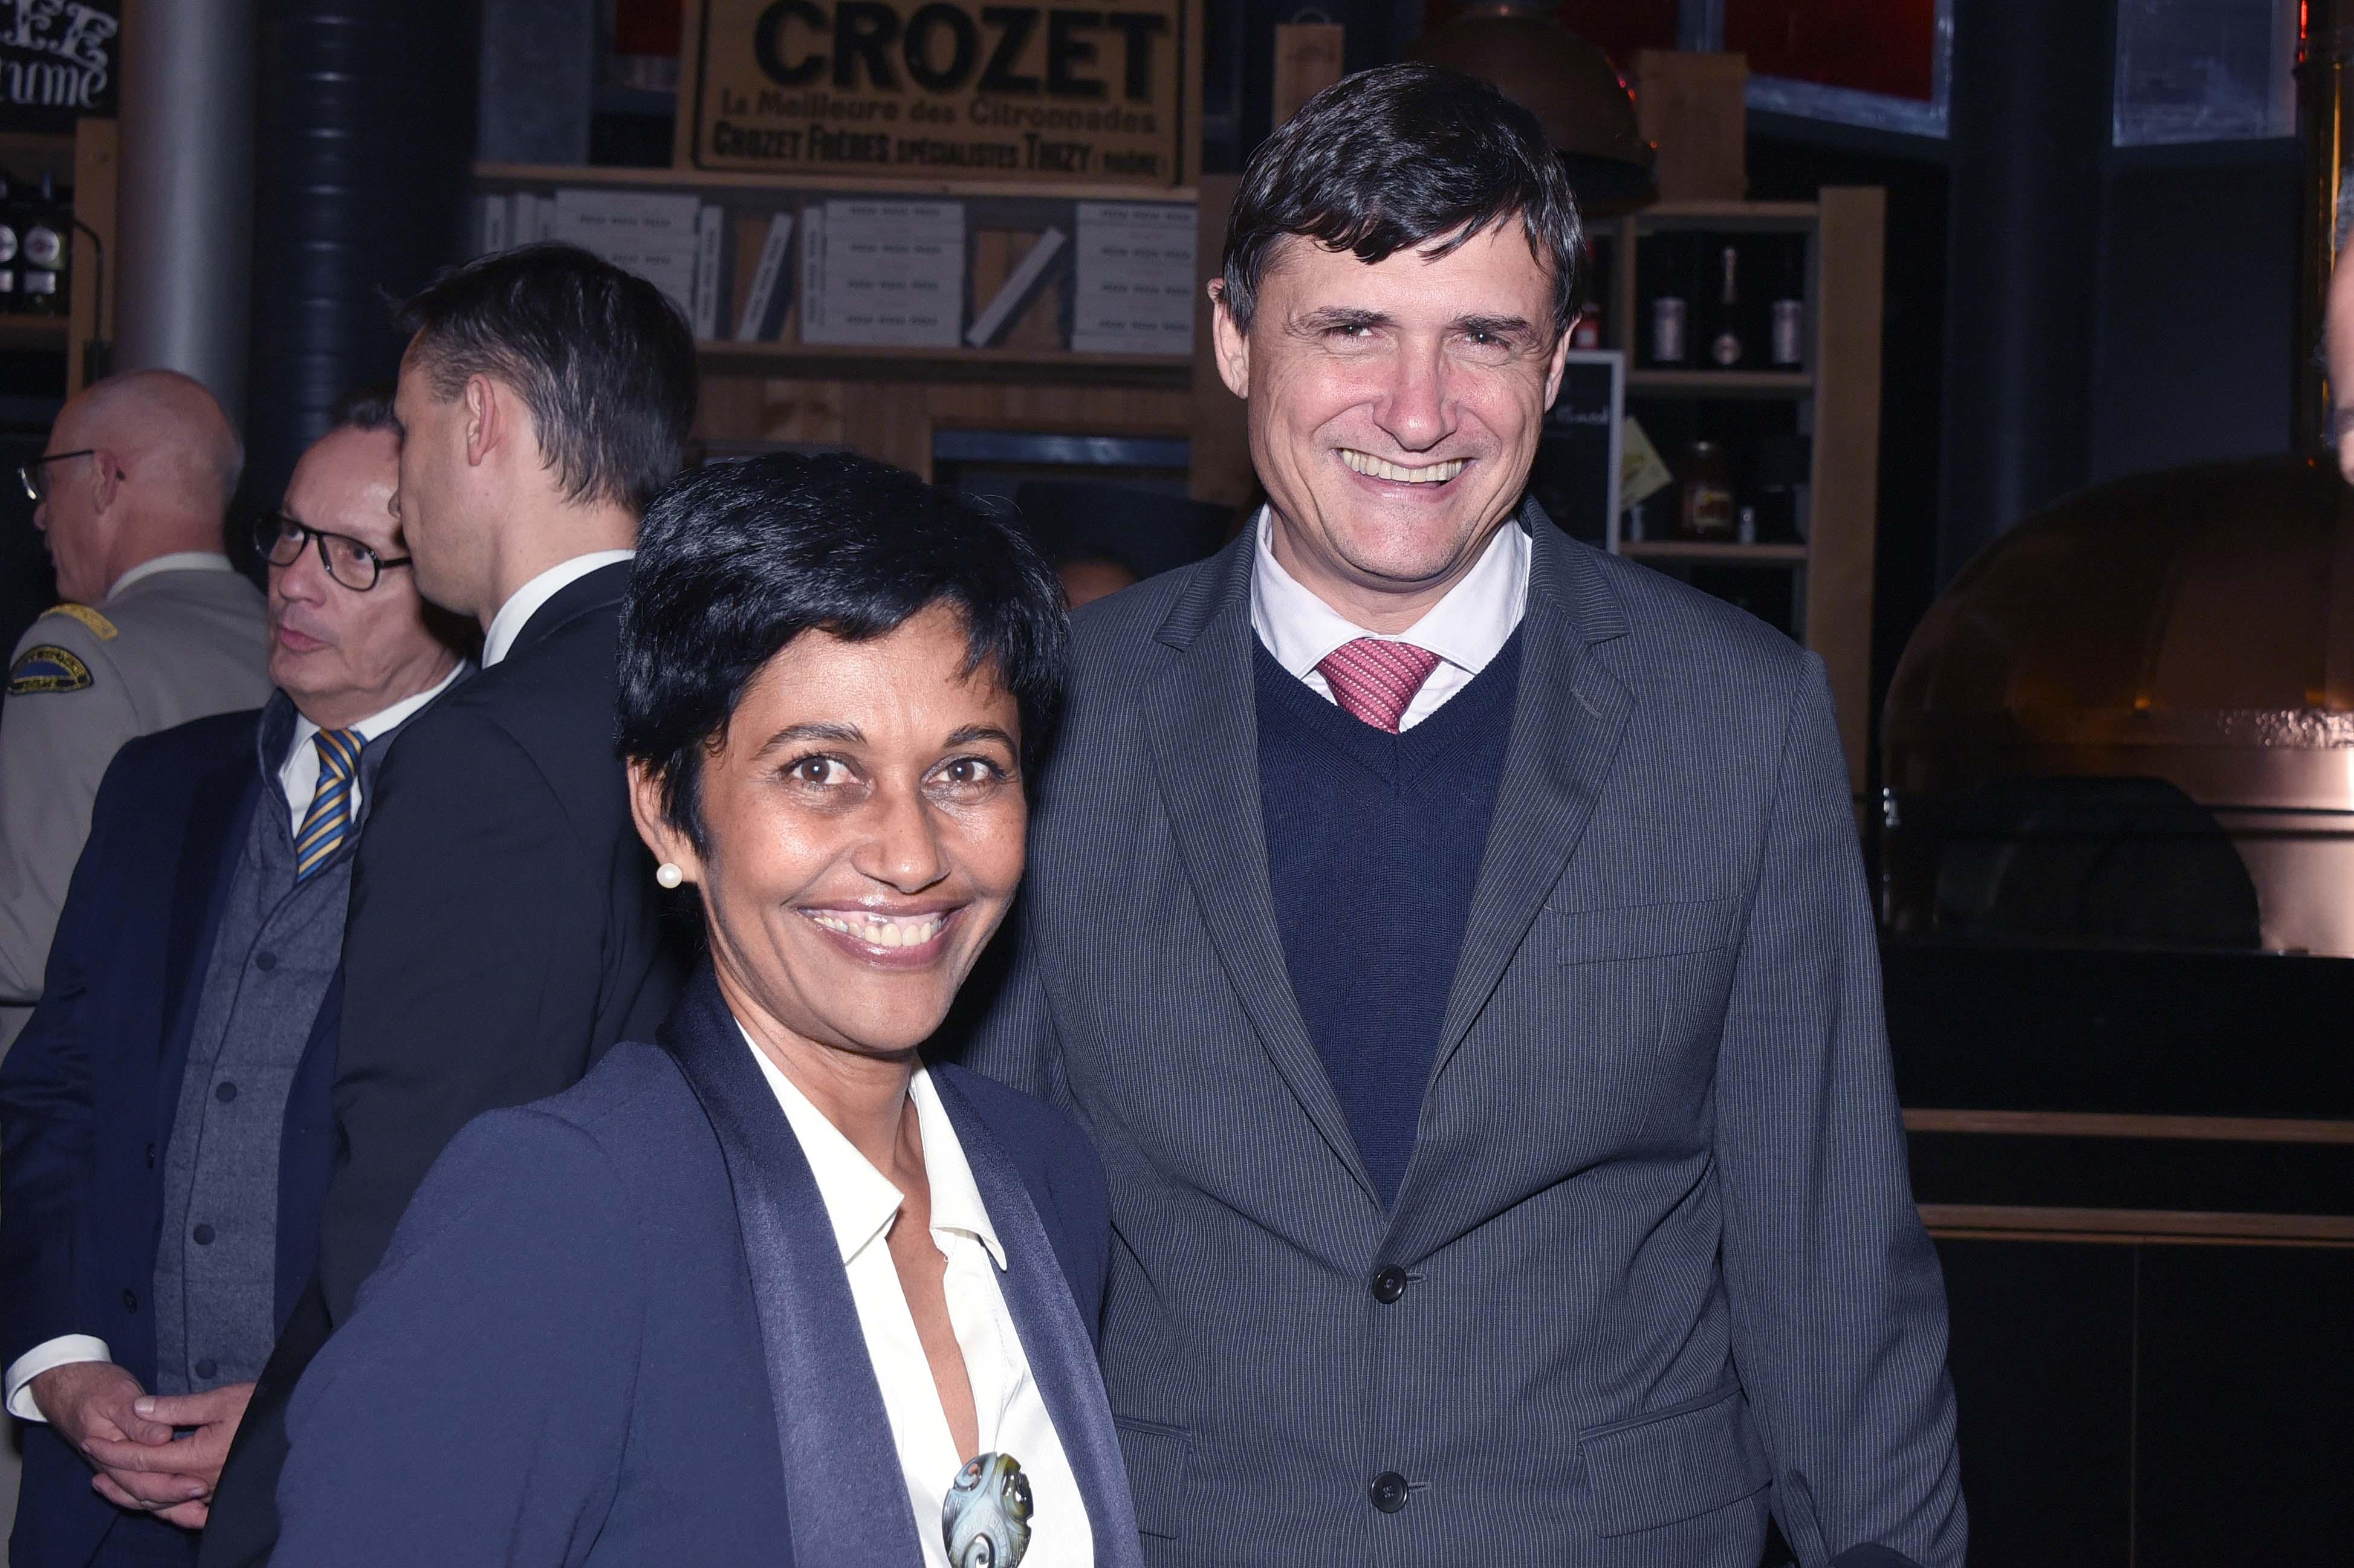 Tout sourire: Ericka Bareigts et Jérôme Isautier, chef d'entreprise réunionnais, ex-président de l'ADIR. Ce dernier s'interrogeant sur une vraie pérennité des emplois que les innovations énergétiques proposées devraient créer...